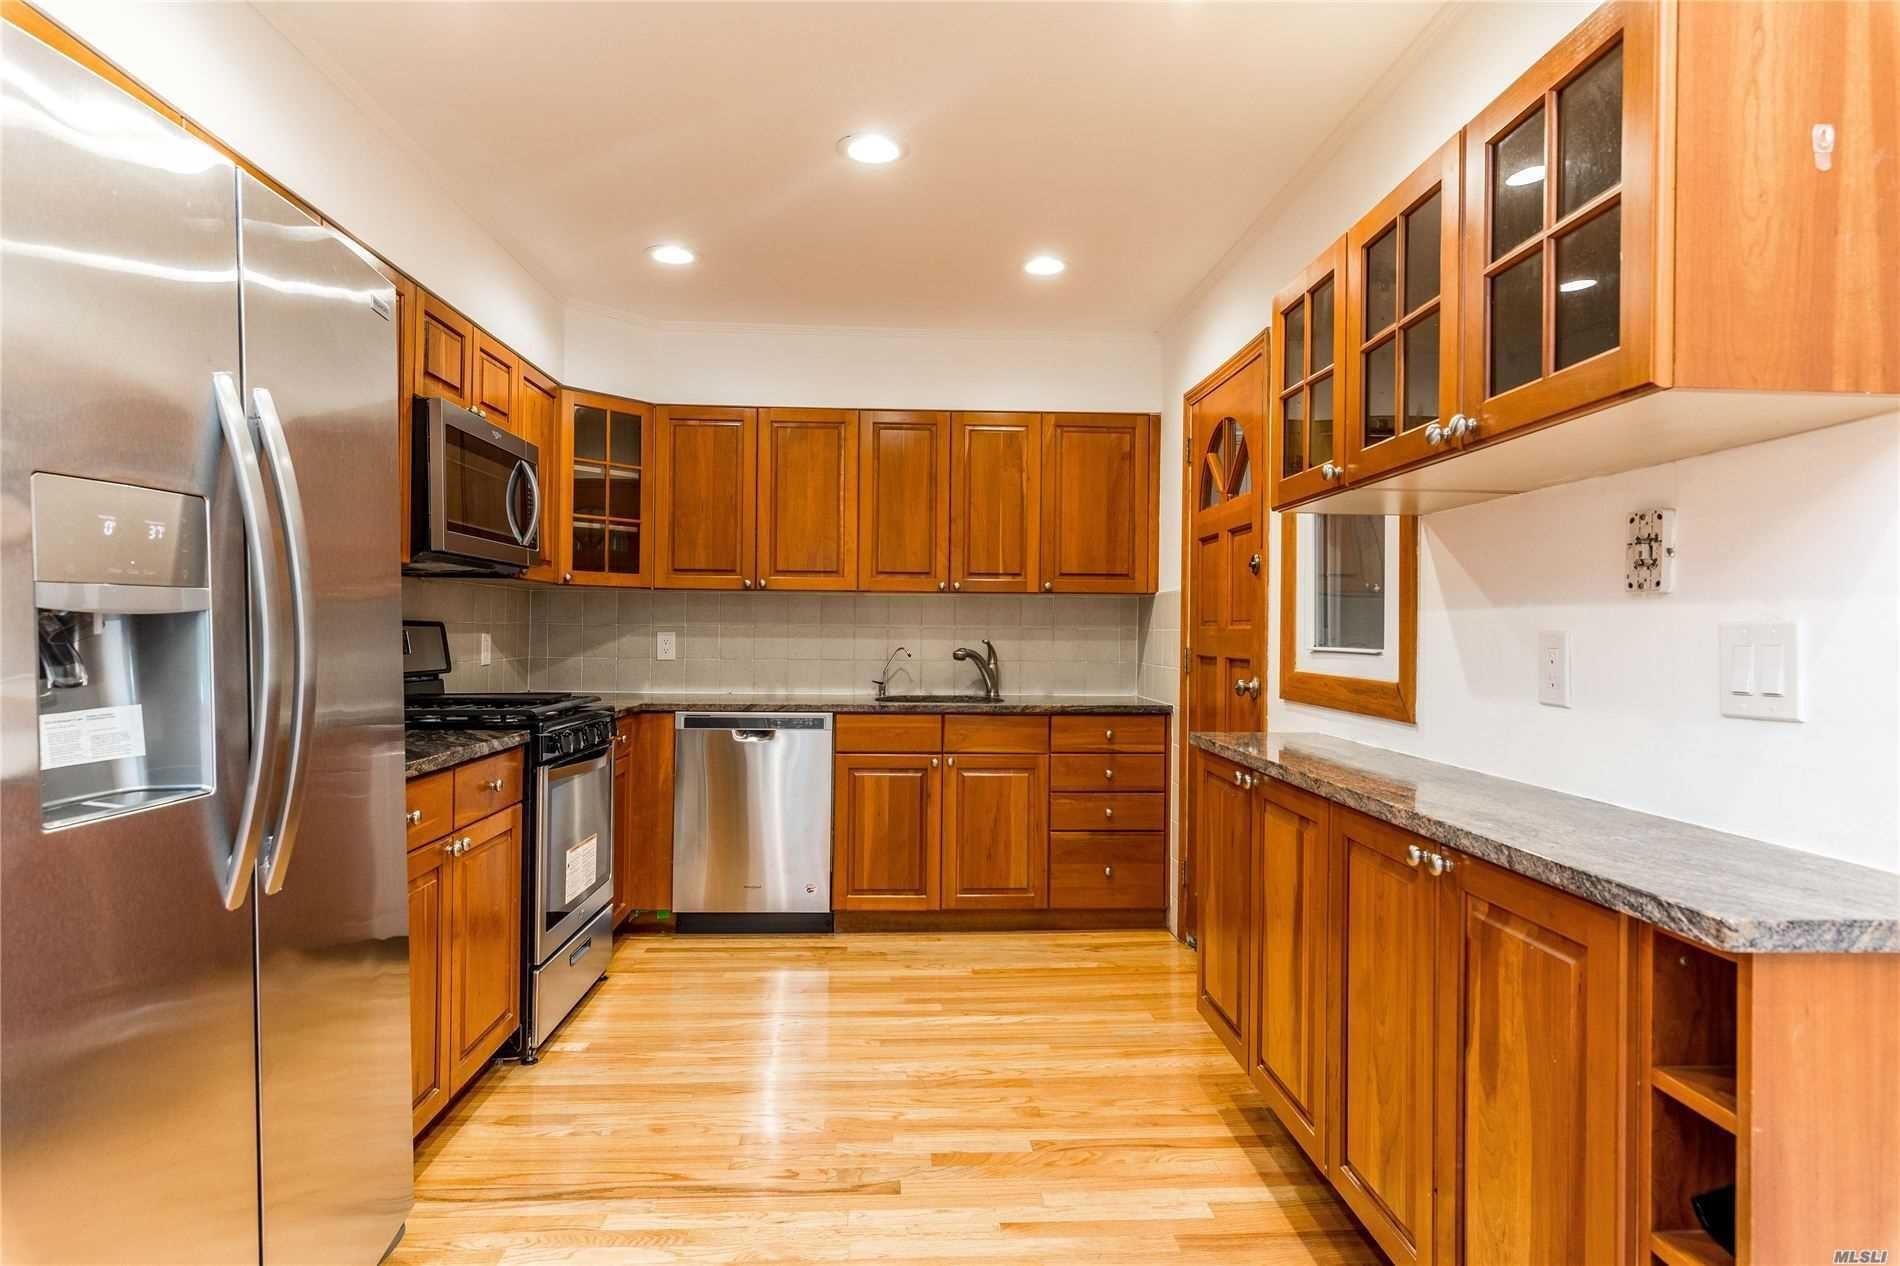 184 N Linden St, Massapequa, NY 11758 - MLS#: 3236117